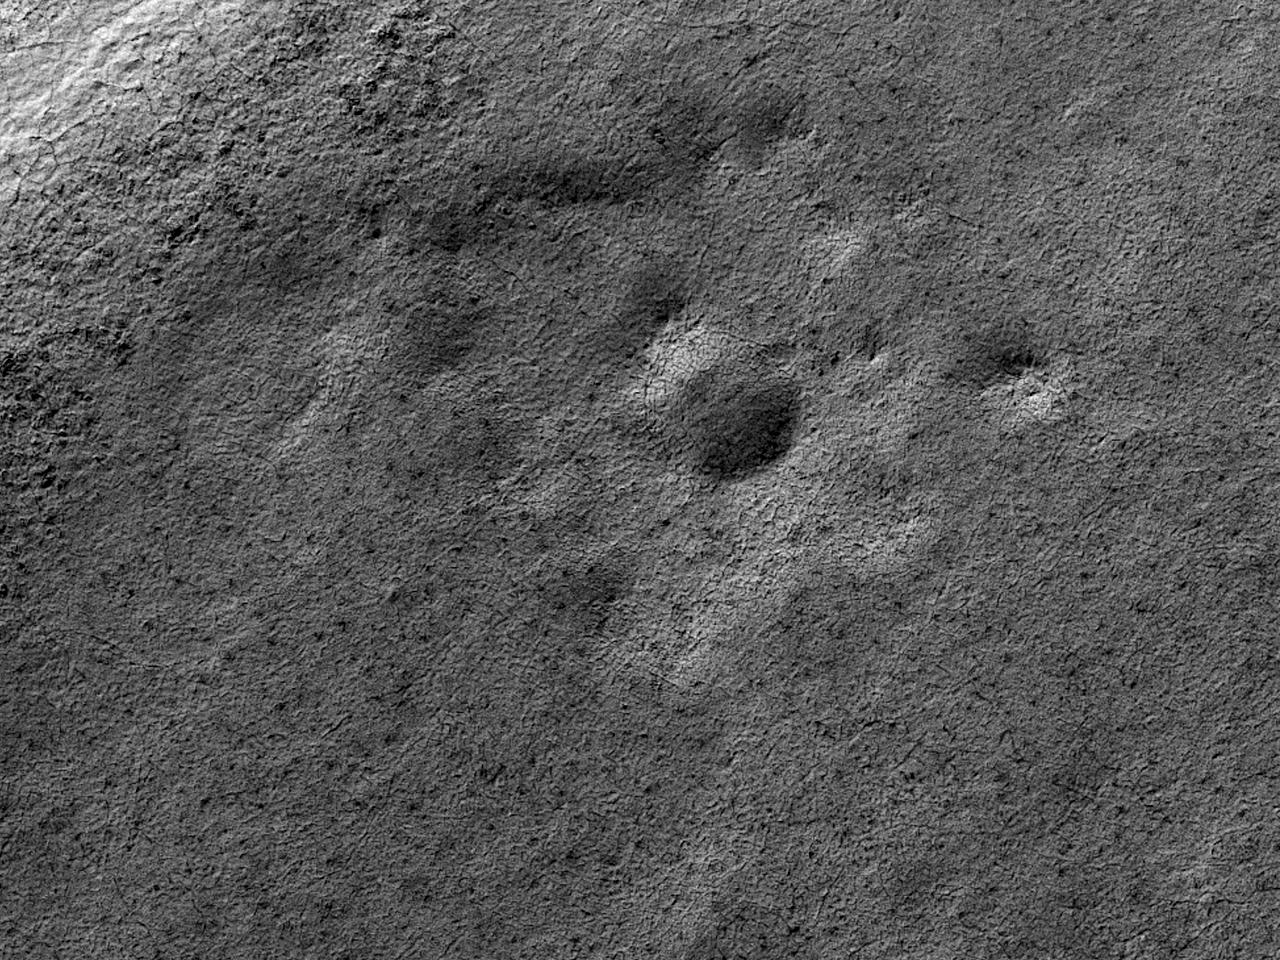 270 meter i diameter stort krater med lagvise avsetninger på sørpolen